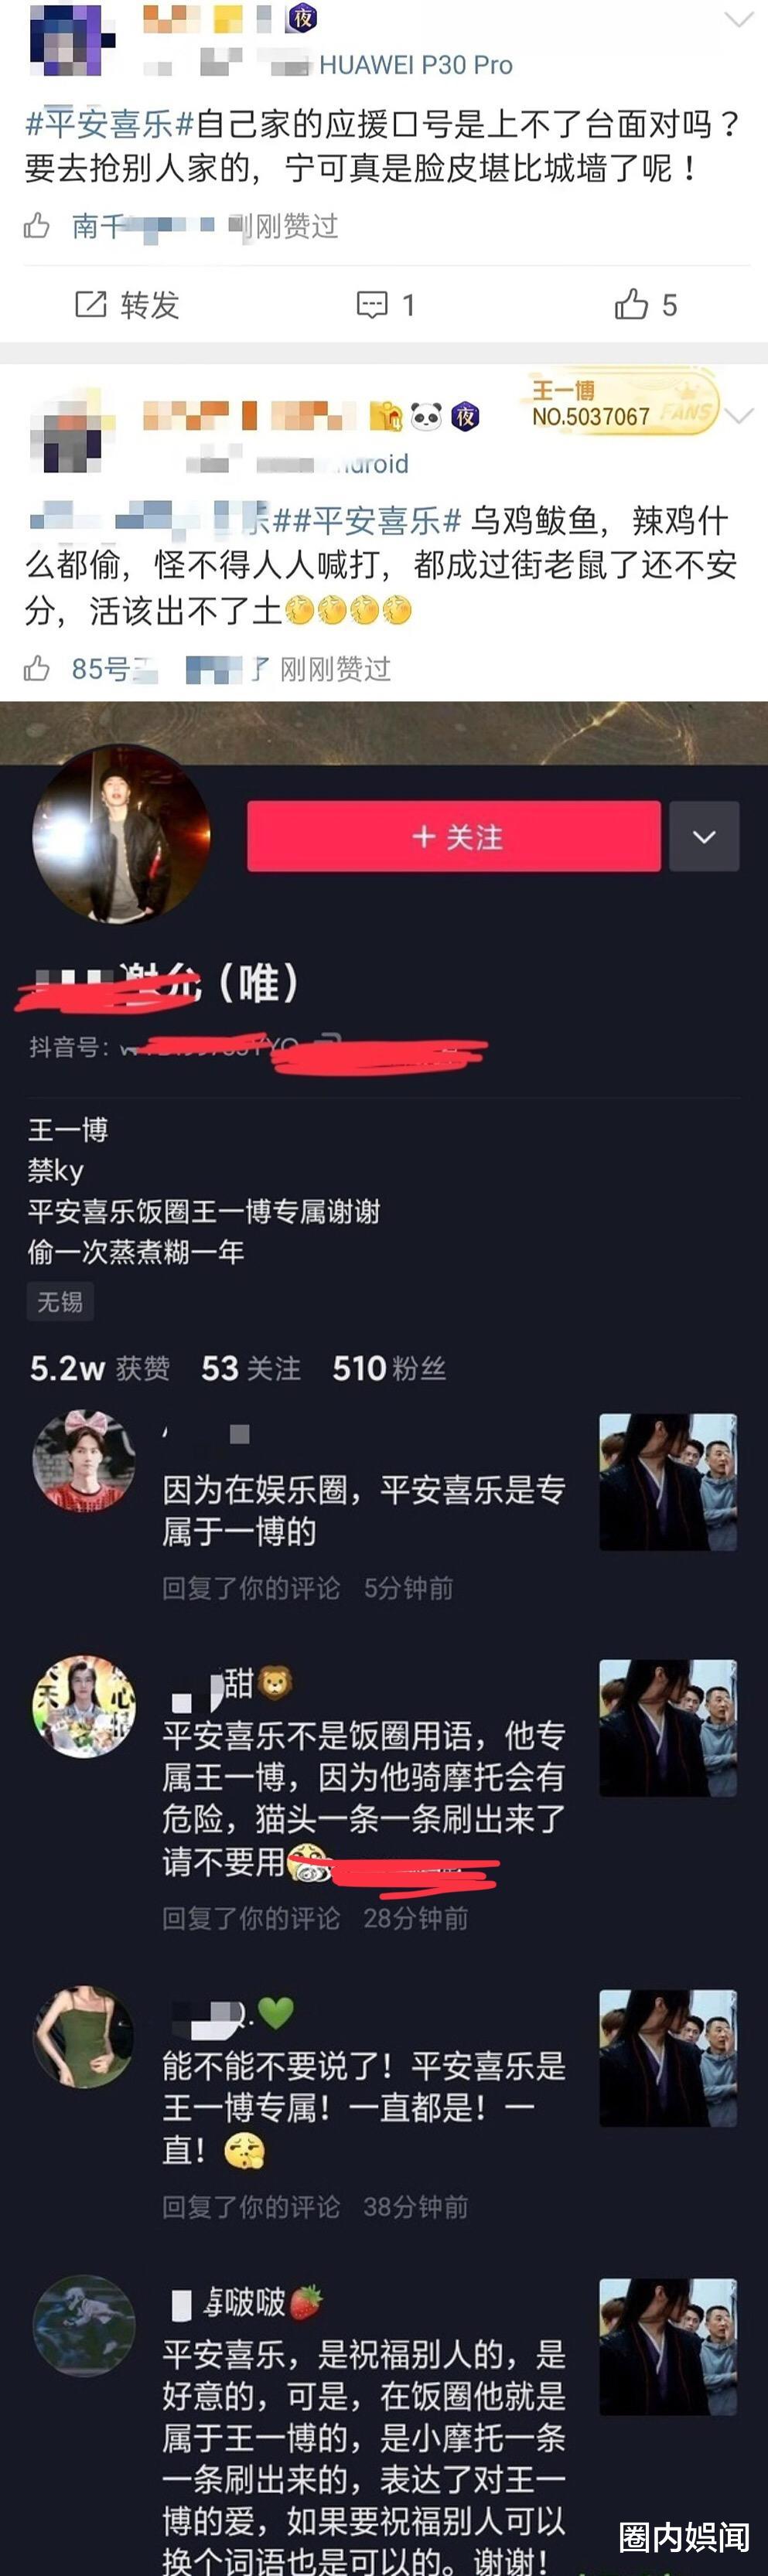 單方面宣佈版權?王一博粉絲自圈應援口號,遭官媒及多位藝人打臉-圖2